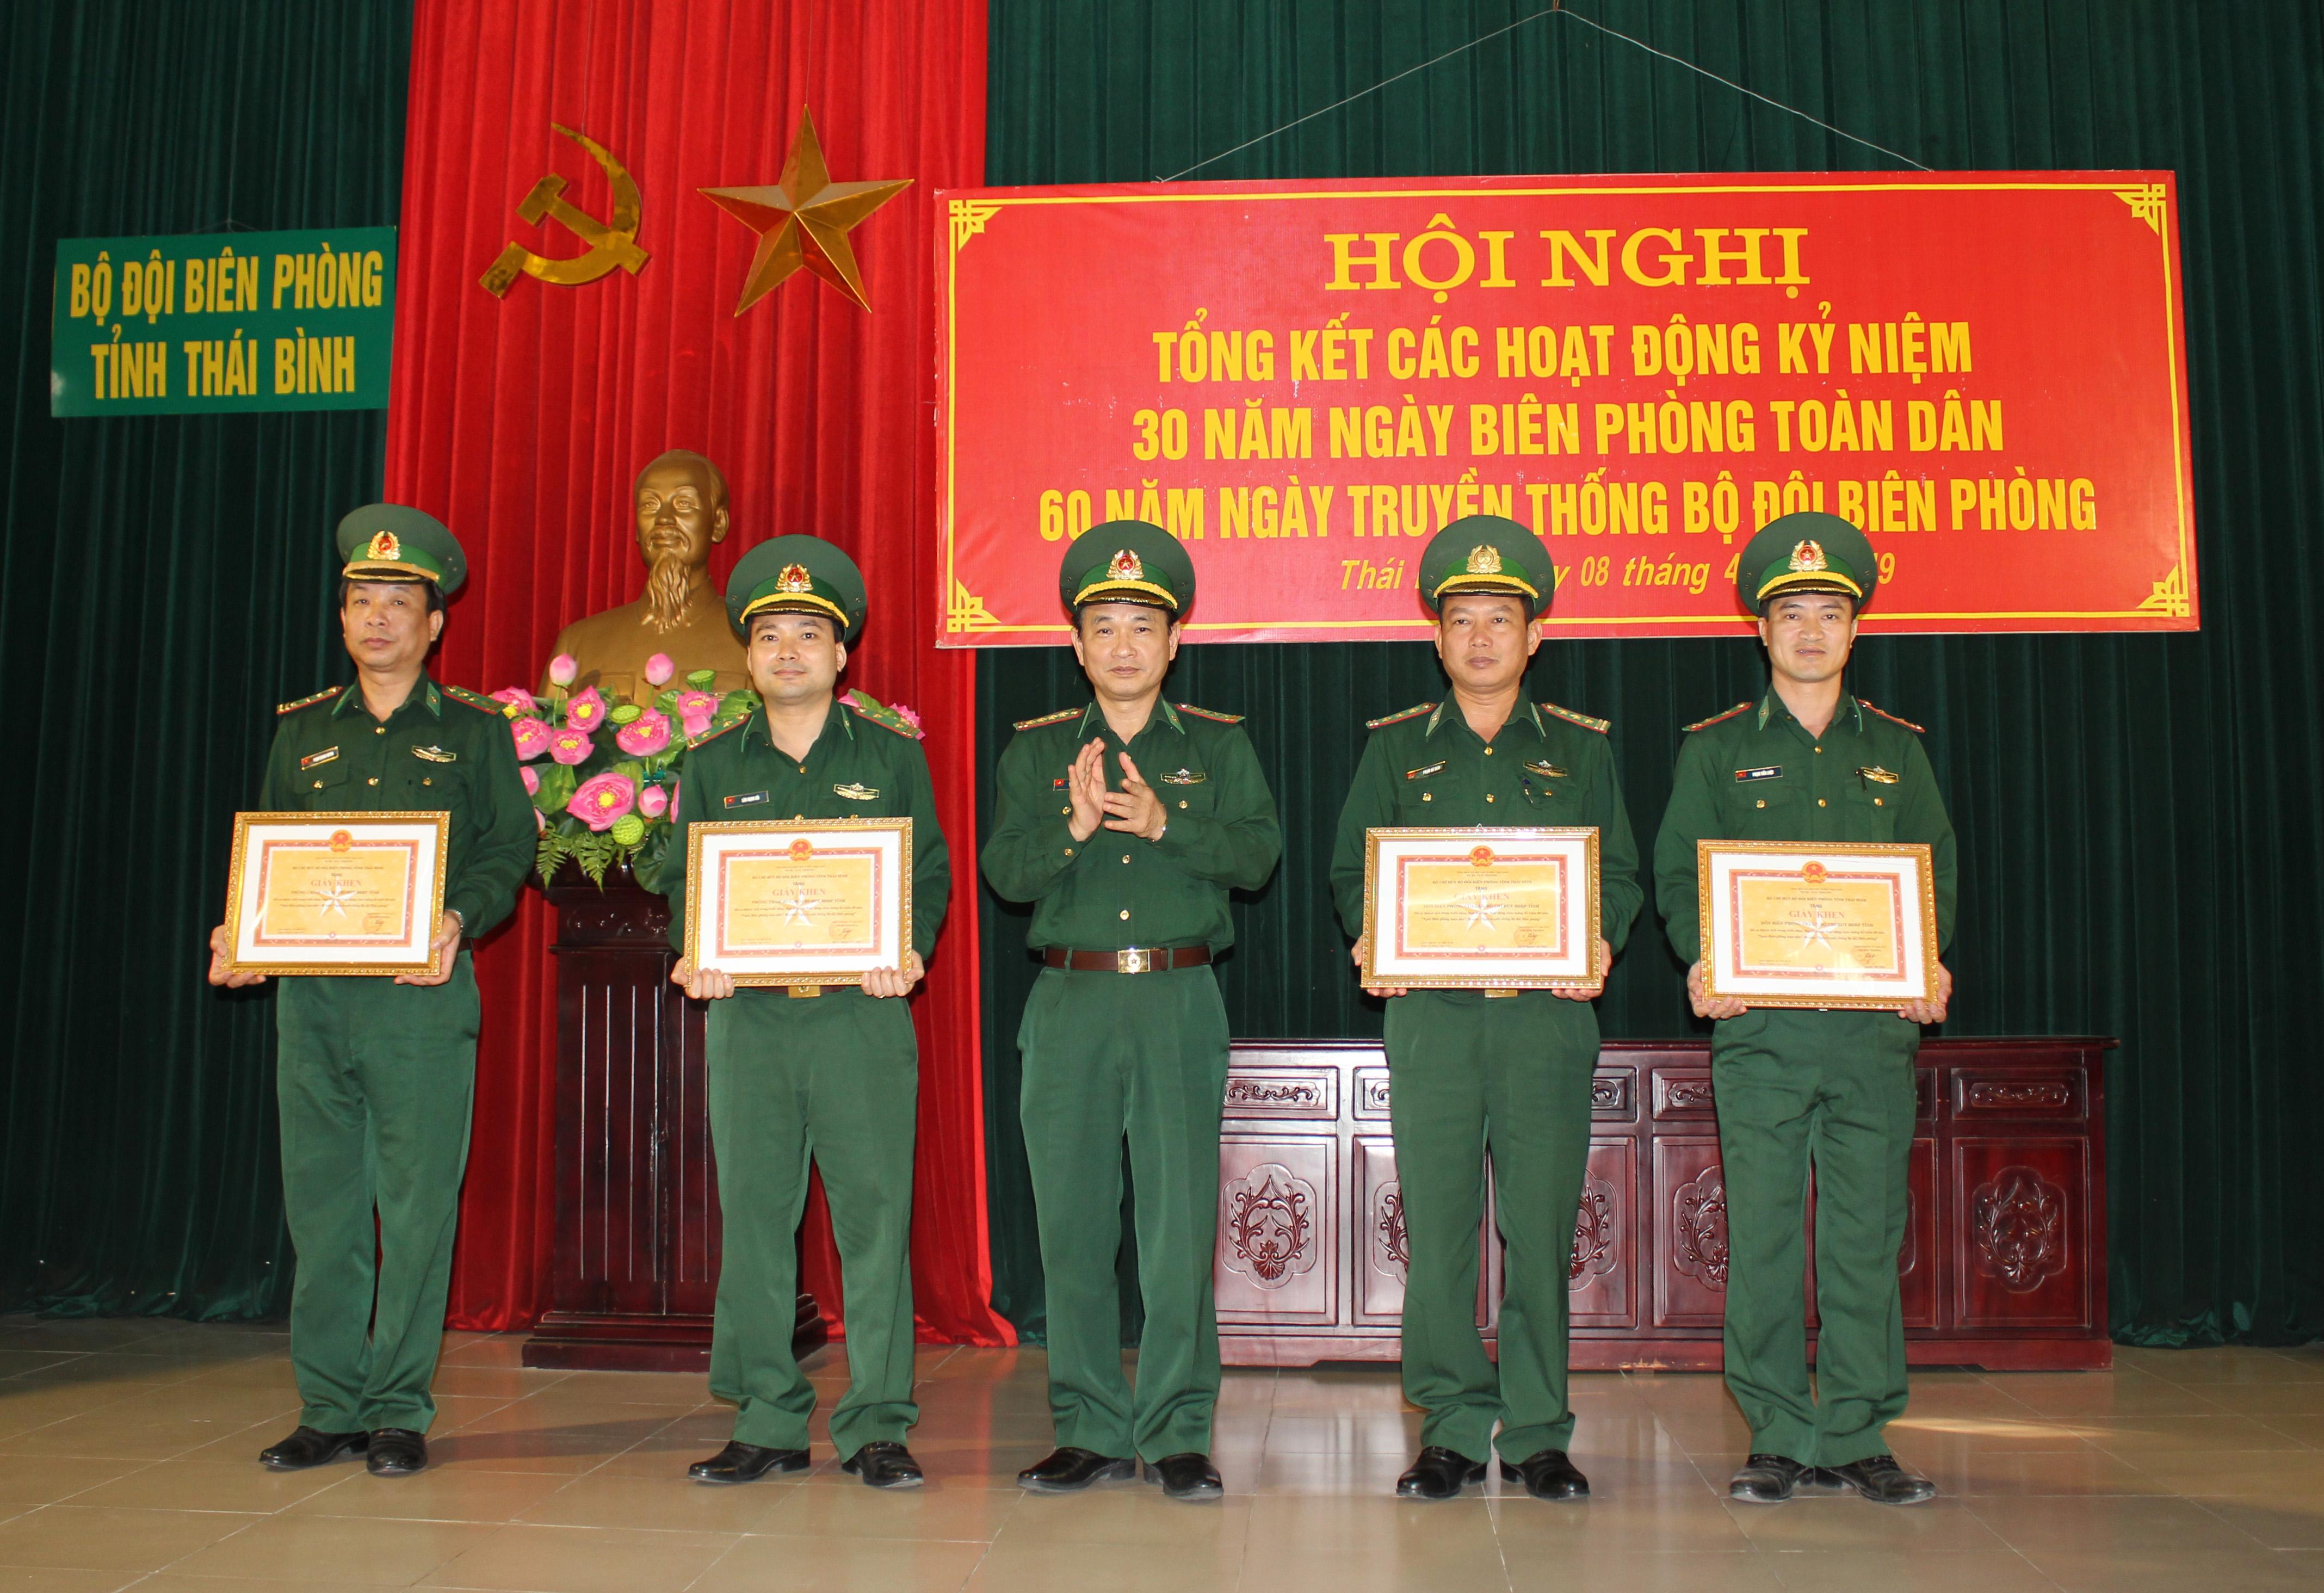 BĐBP Thái Bình tổng kết các hoạt động kỷ niệm 60 năm Ngày Truyền thống BĐBP